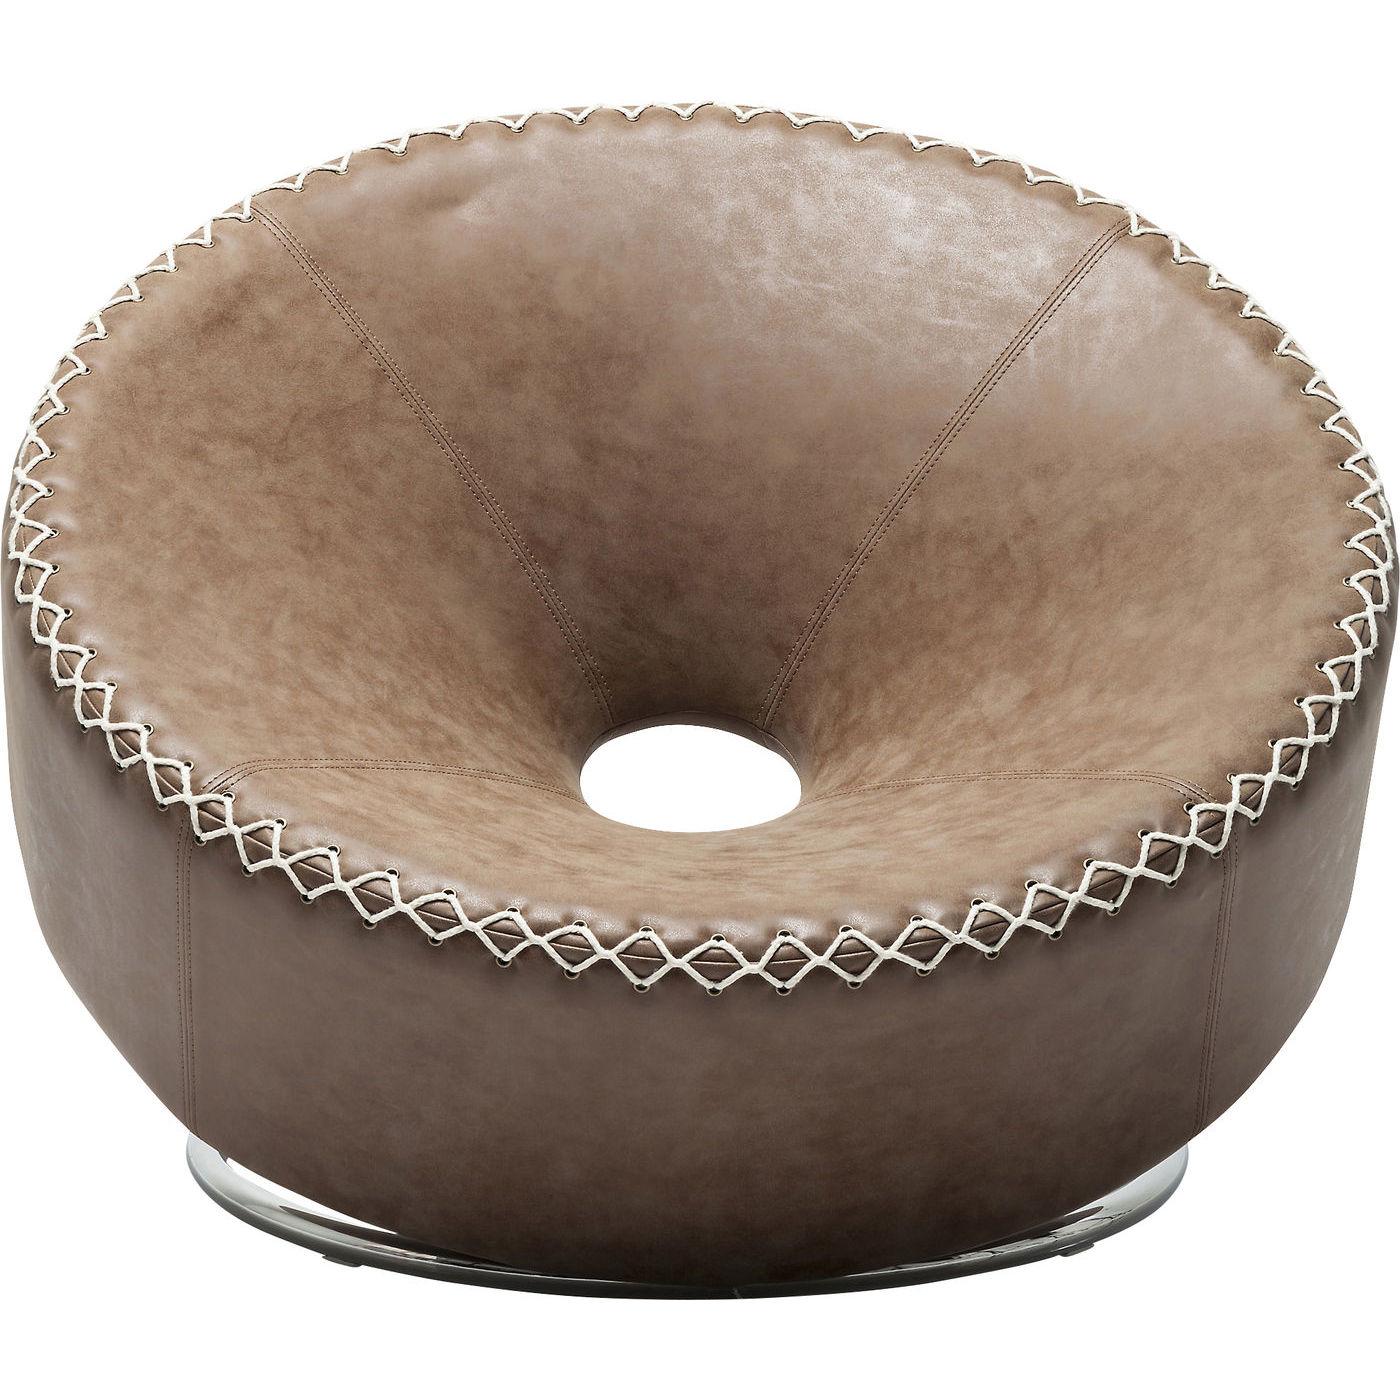 Billede af Kare Design Hvilestol, Donut Brown